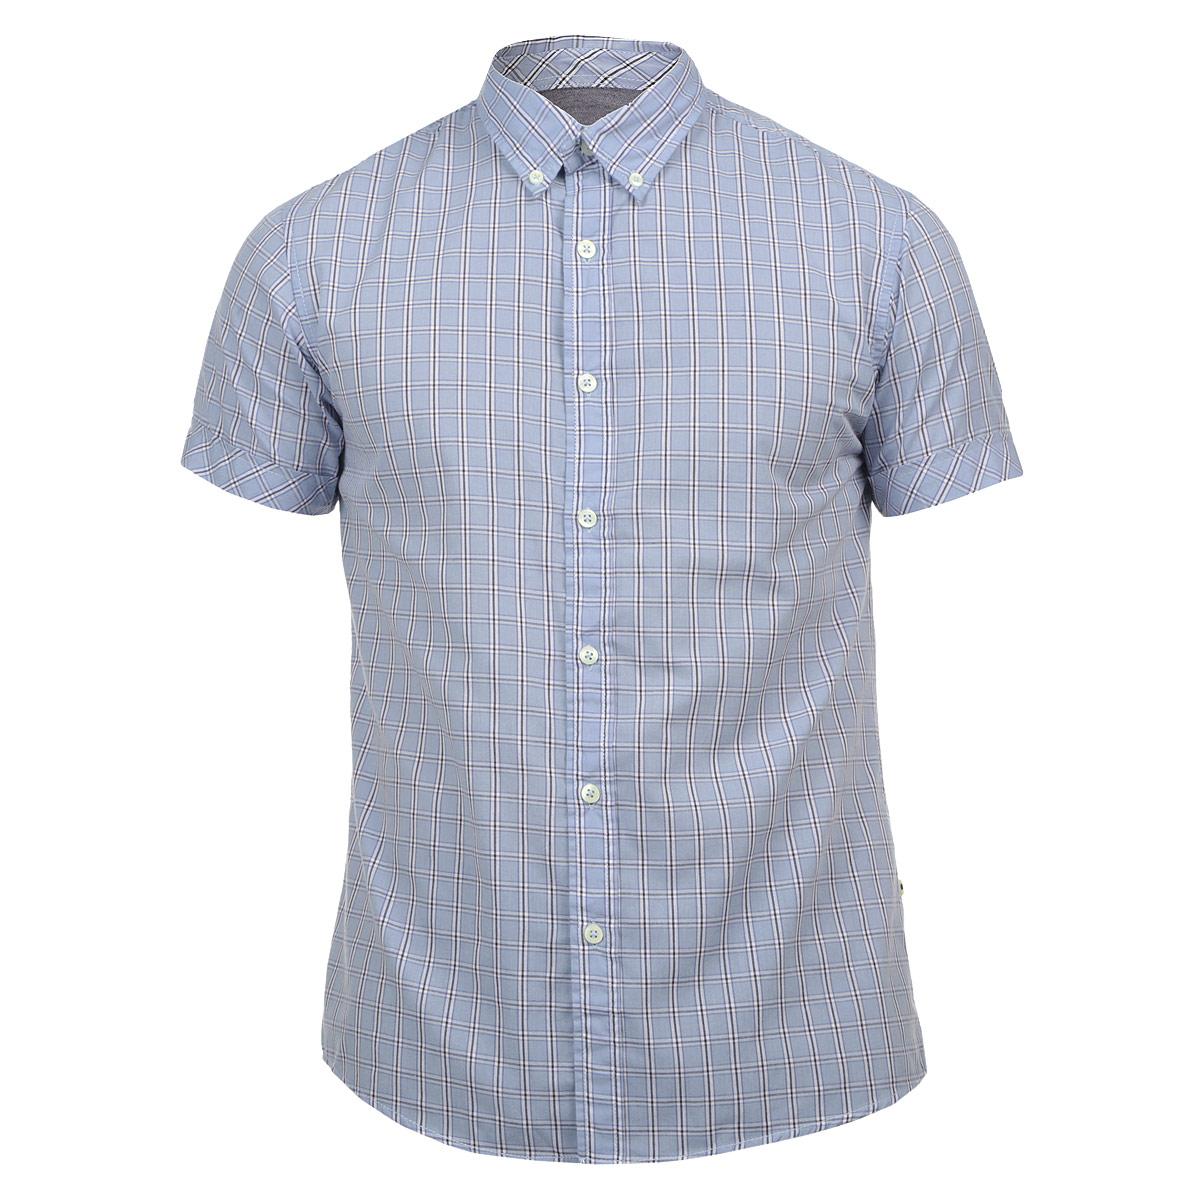 Рубашка10152307 51FСтильная мужская рубашка Broadway, изготовленная из высококачественного материала, необычайно мягкая и приятная на ощупь, не сковывает движения и позволяет коже дышать, обеспечивая наибольший комфорт. Модная рубашка прямого кроя с короткими рукавами, отложным воротником и полукруглым низом. Застегивается изделие на пуговицы. Эта рубашка идеальный вариант для повседневного гардероба. Такая модель порадует настоящих ценителей комфорта и практичности!